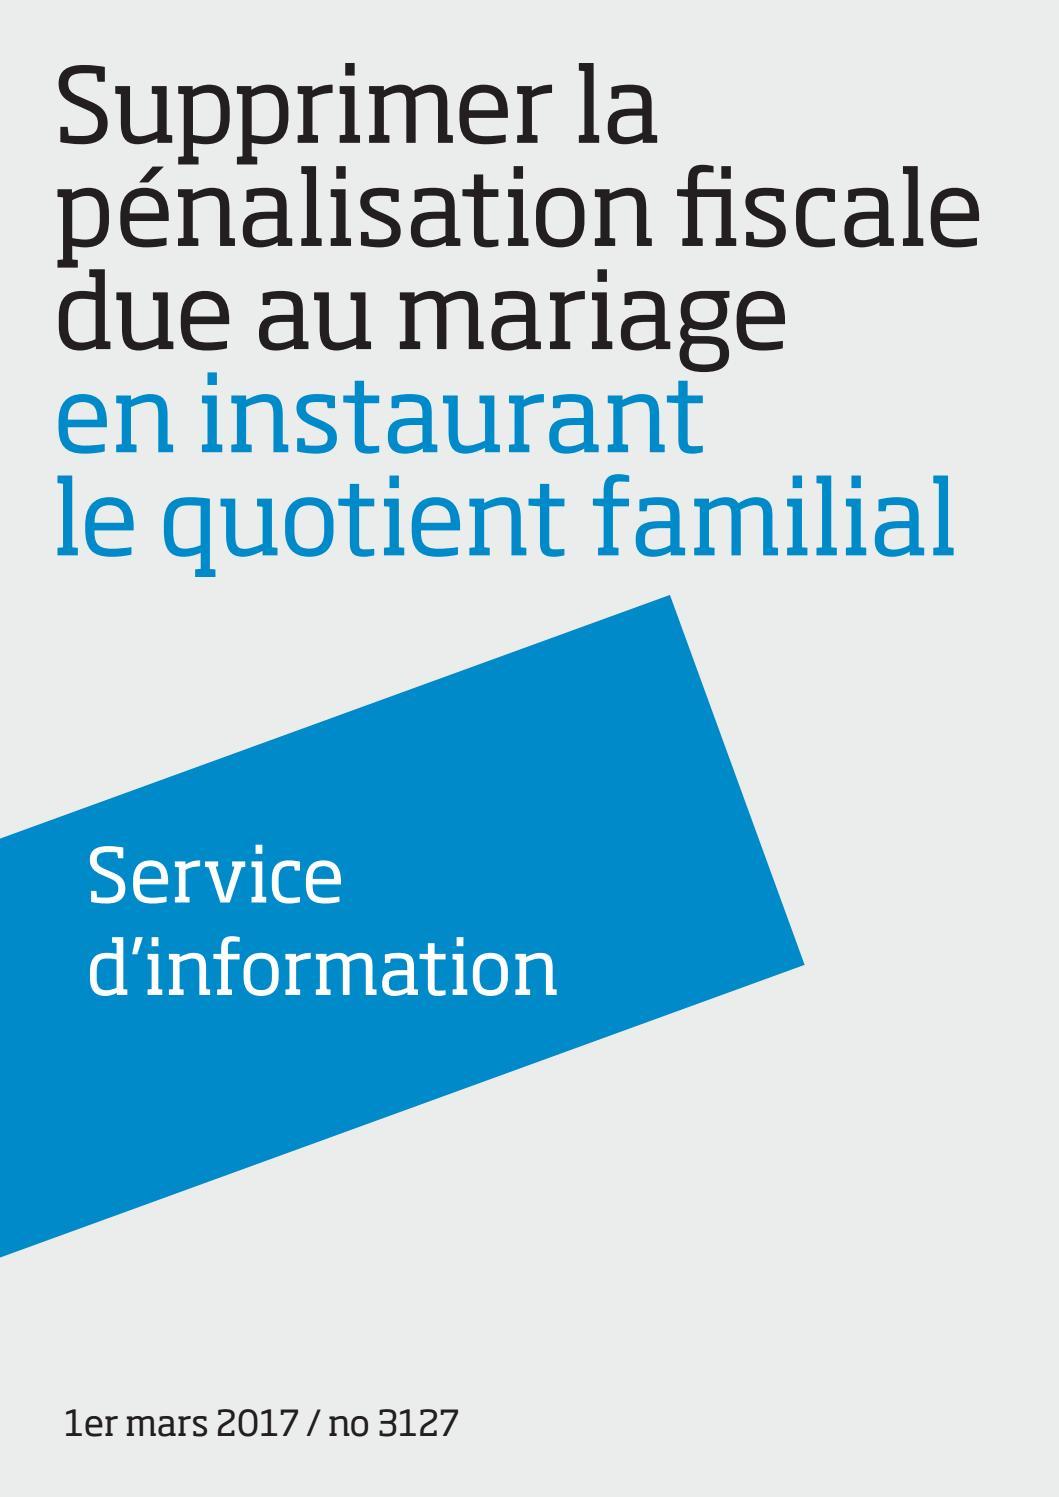 Pour Supprimer La Penalisation Fiscale Du Mariage Le